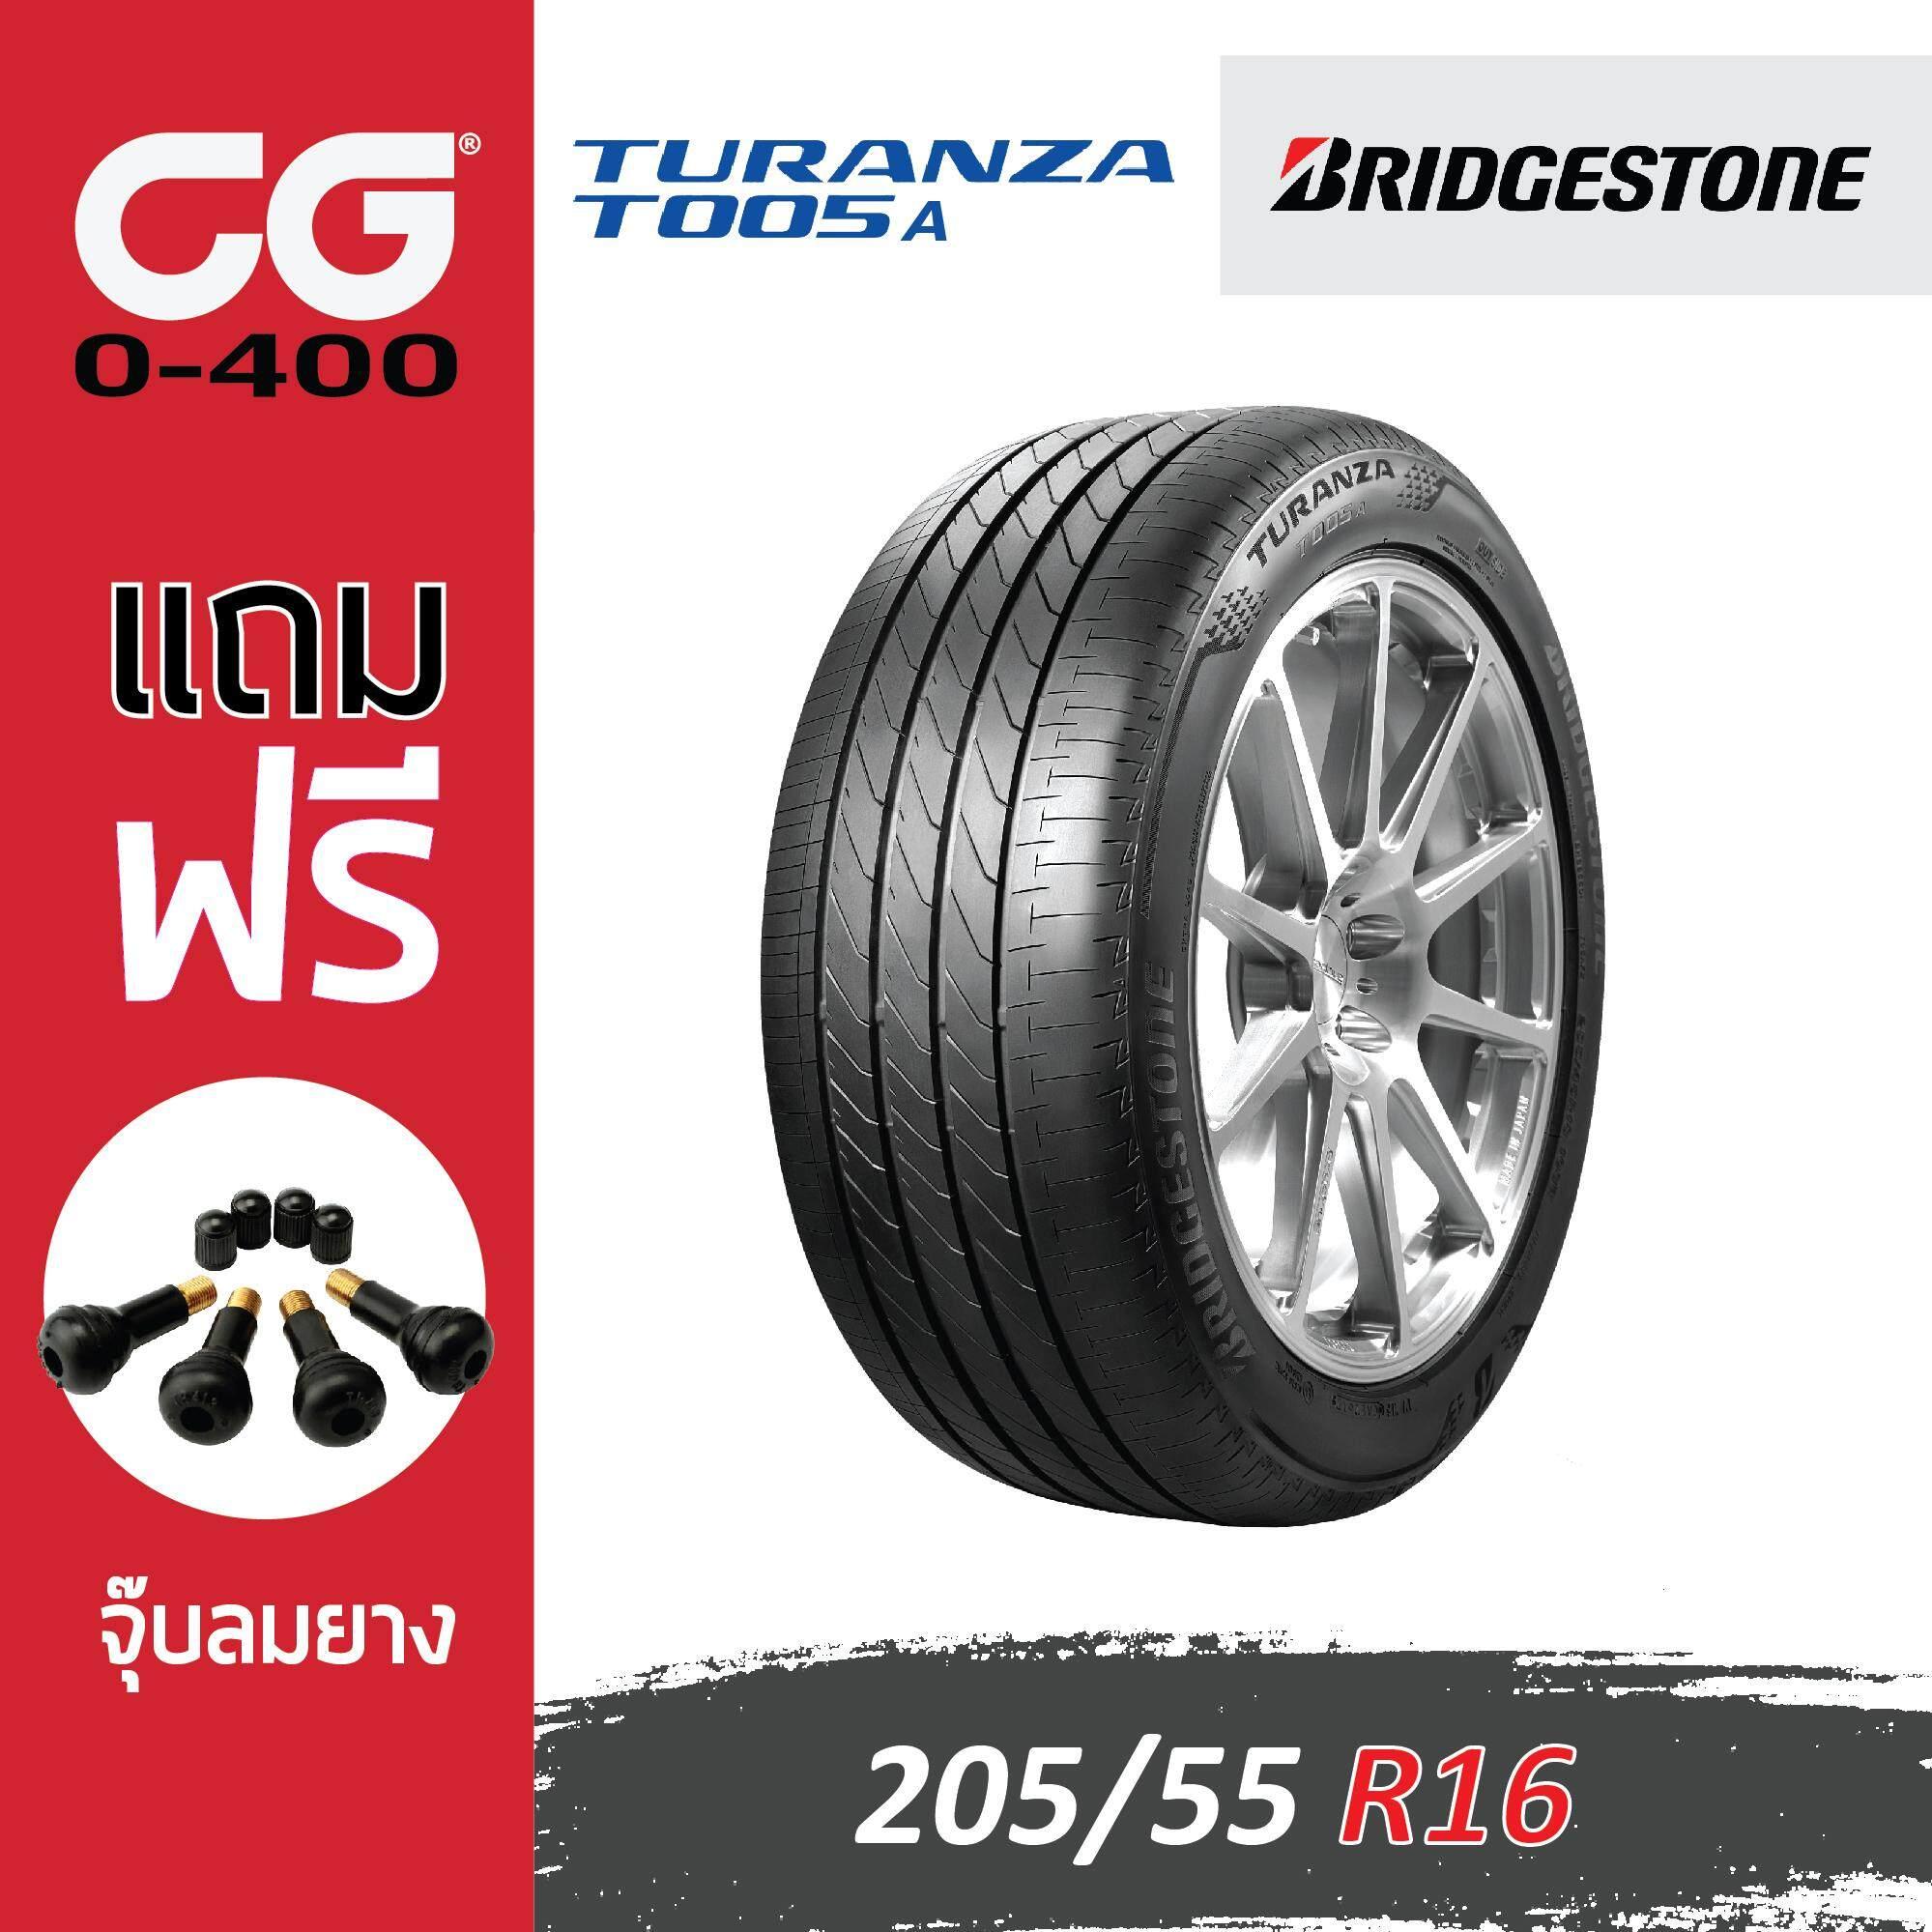 ประกันภัย รถยนต์ 2+ ลำปาง ยางรถยนต์ Bridgestone Turanza T005A (205/55R16)